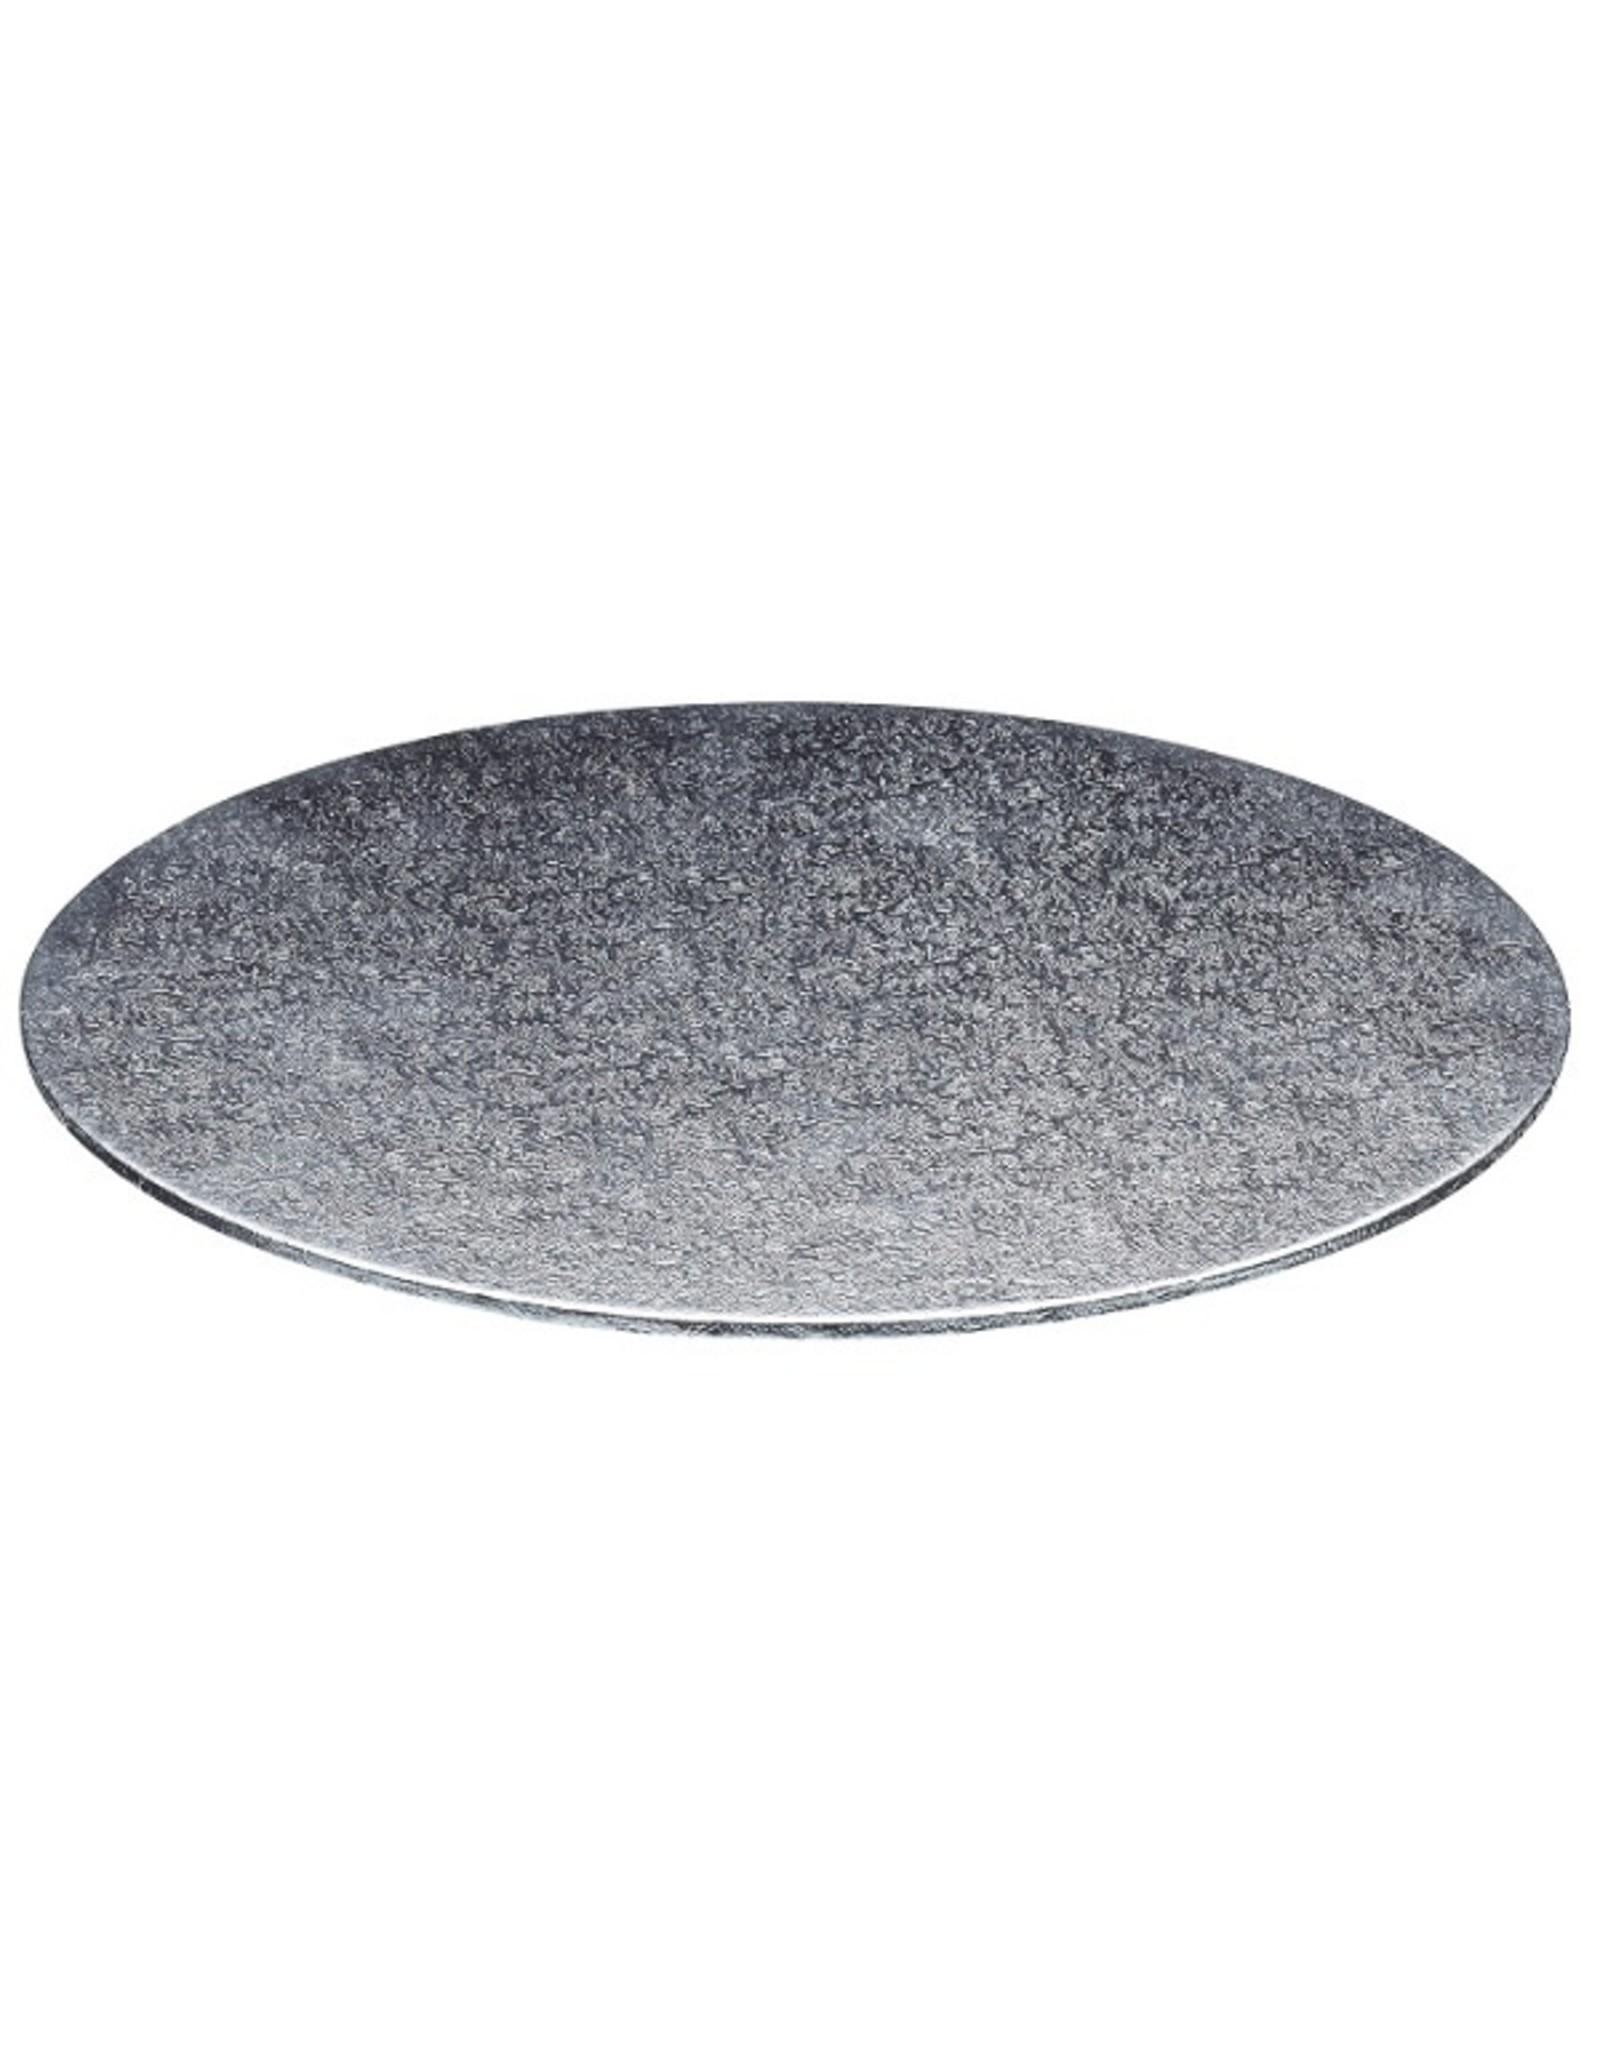 Cakeboards Ø178 mm - zilver (per 10 stuks)